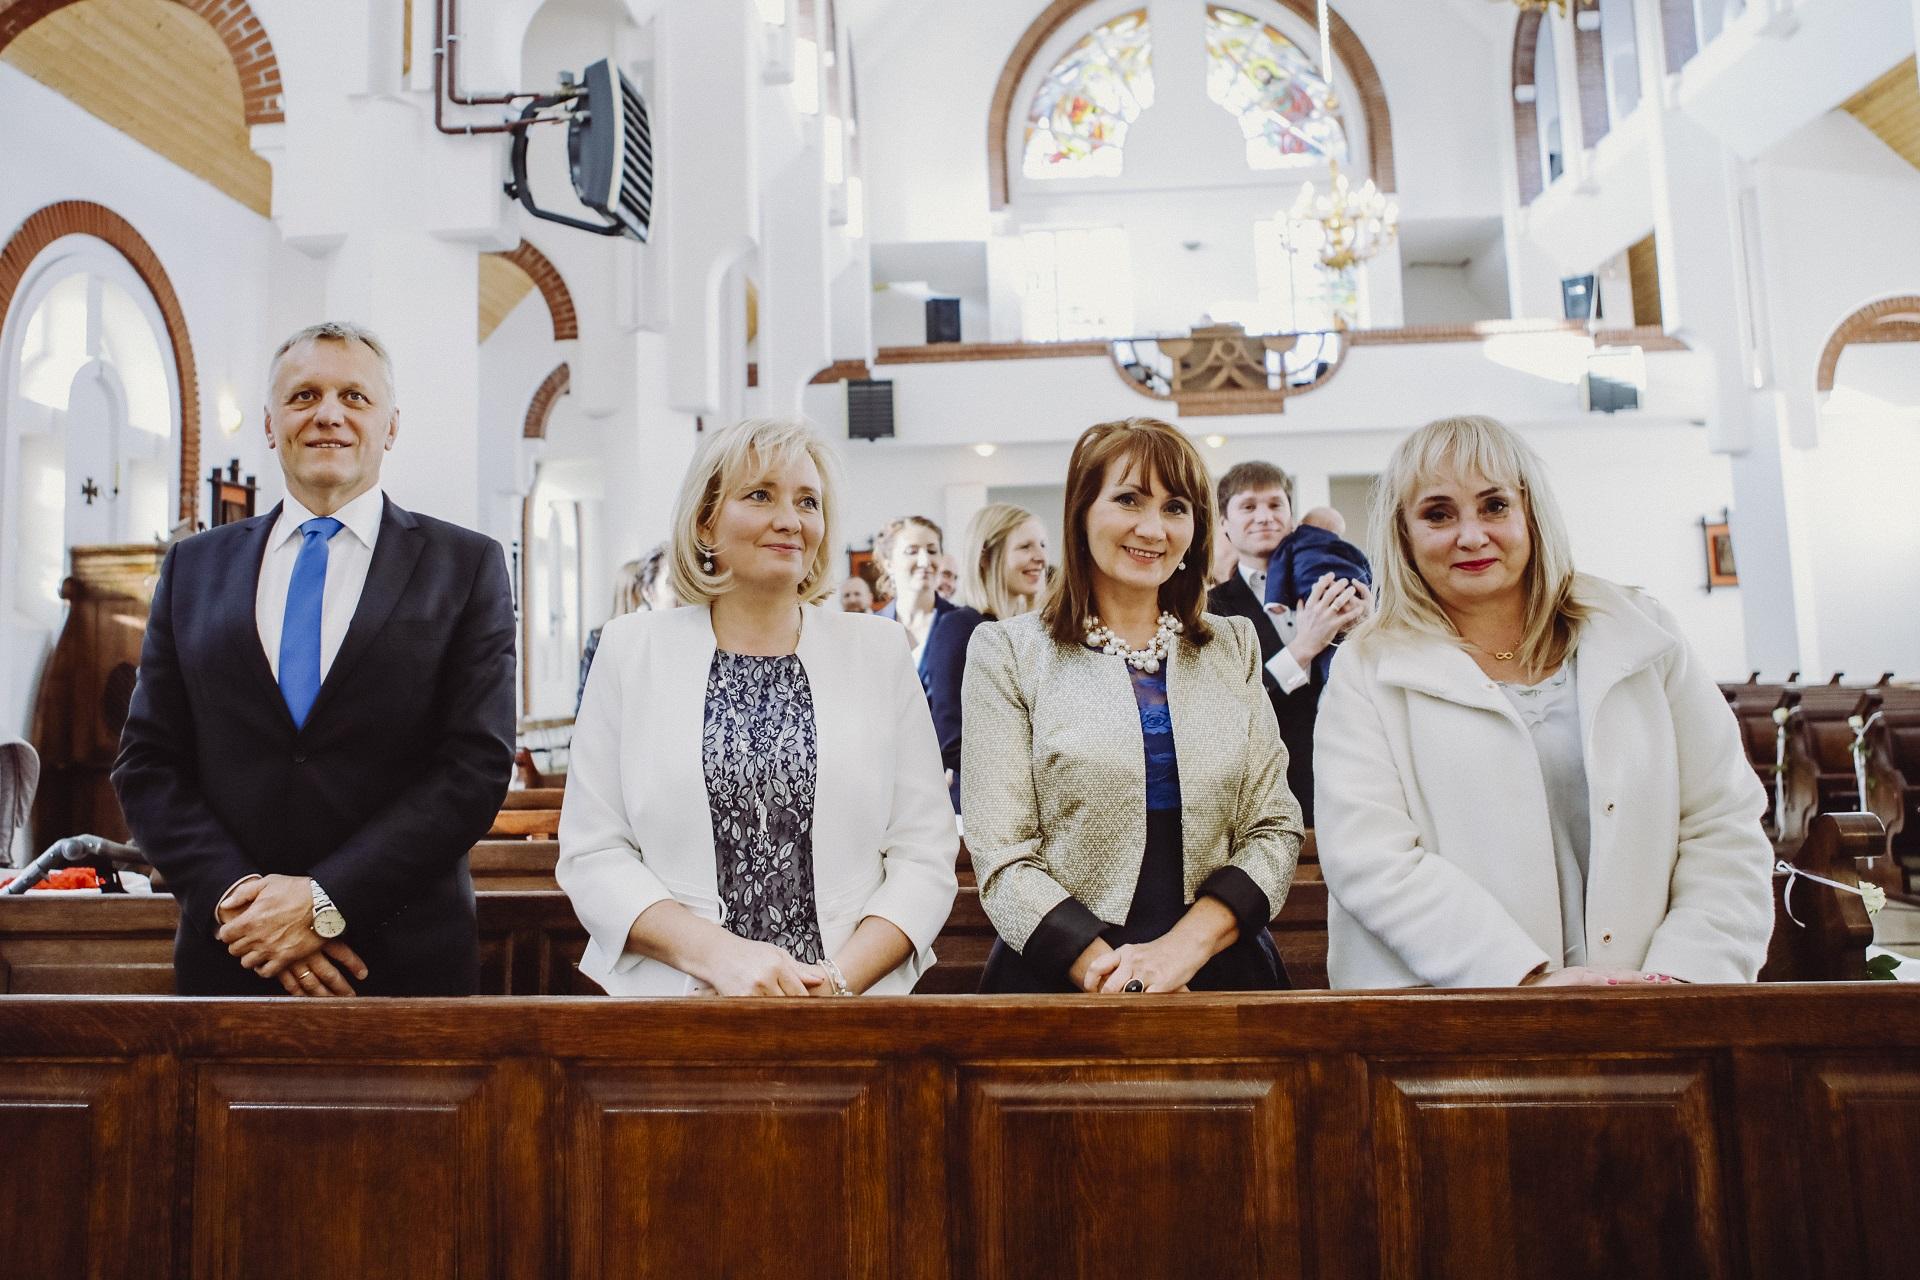 Goście weselni w kościele podczas ślubu